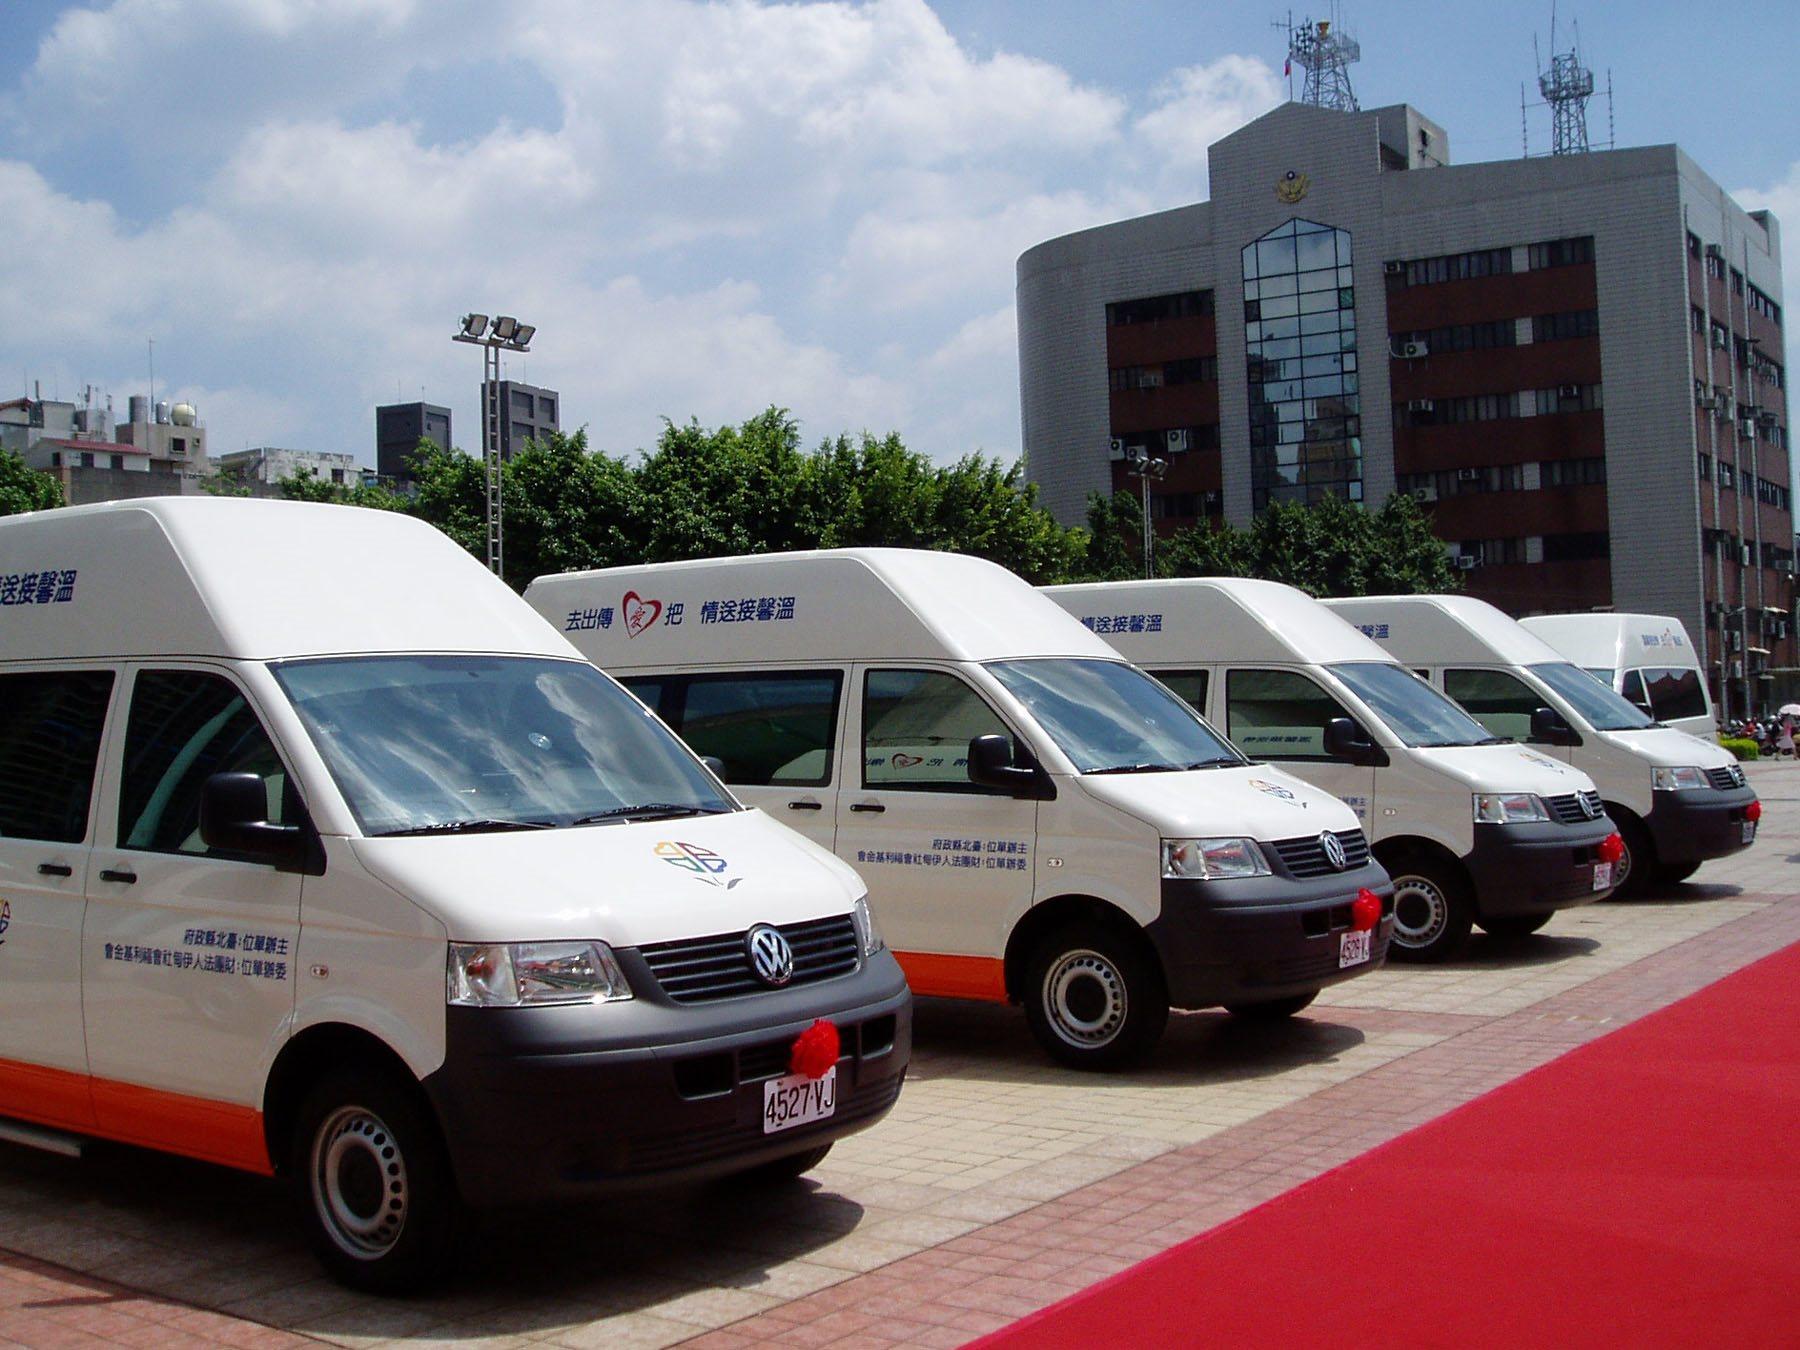 持續提升復康巴士服務 打造完善無障礙環境